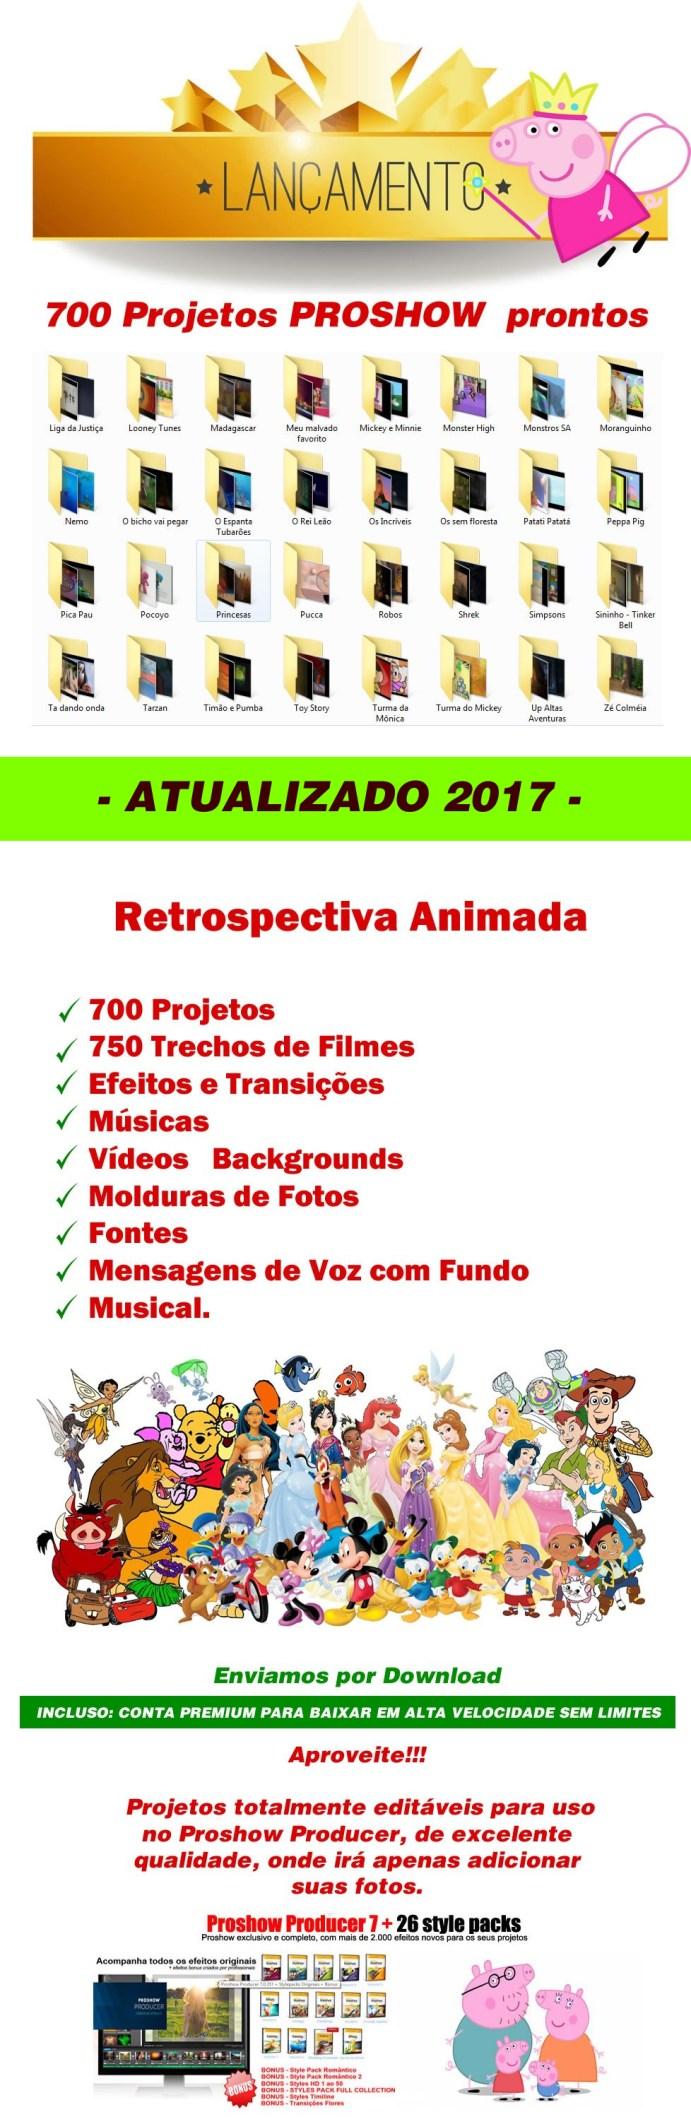 projetos proshow 2017